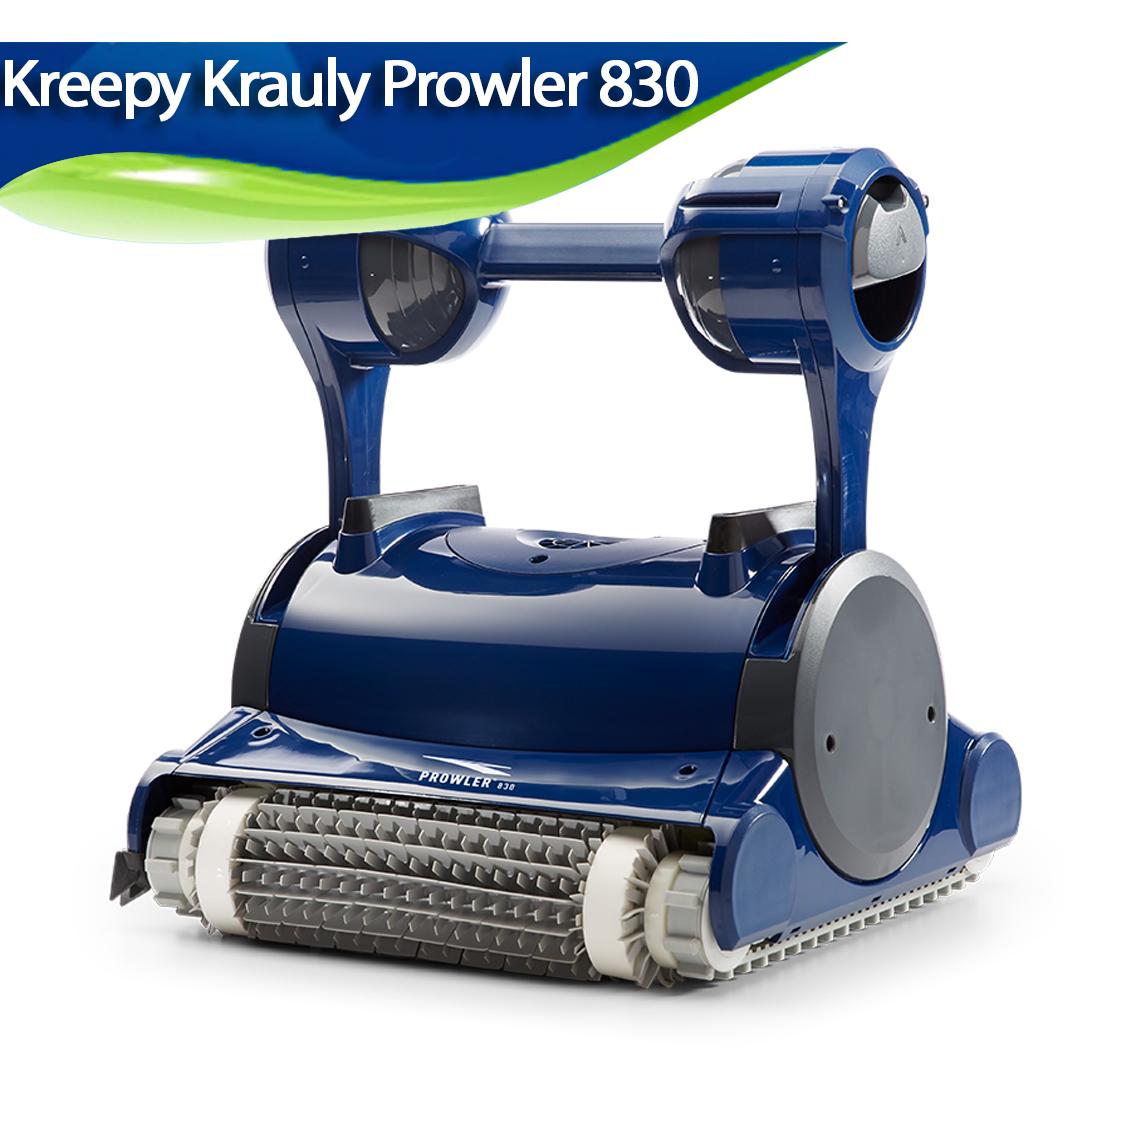 kreepy krauly prowler 830 prc